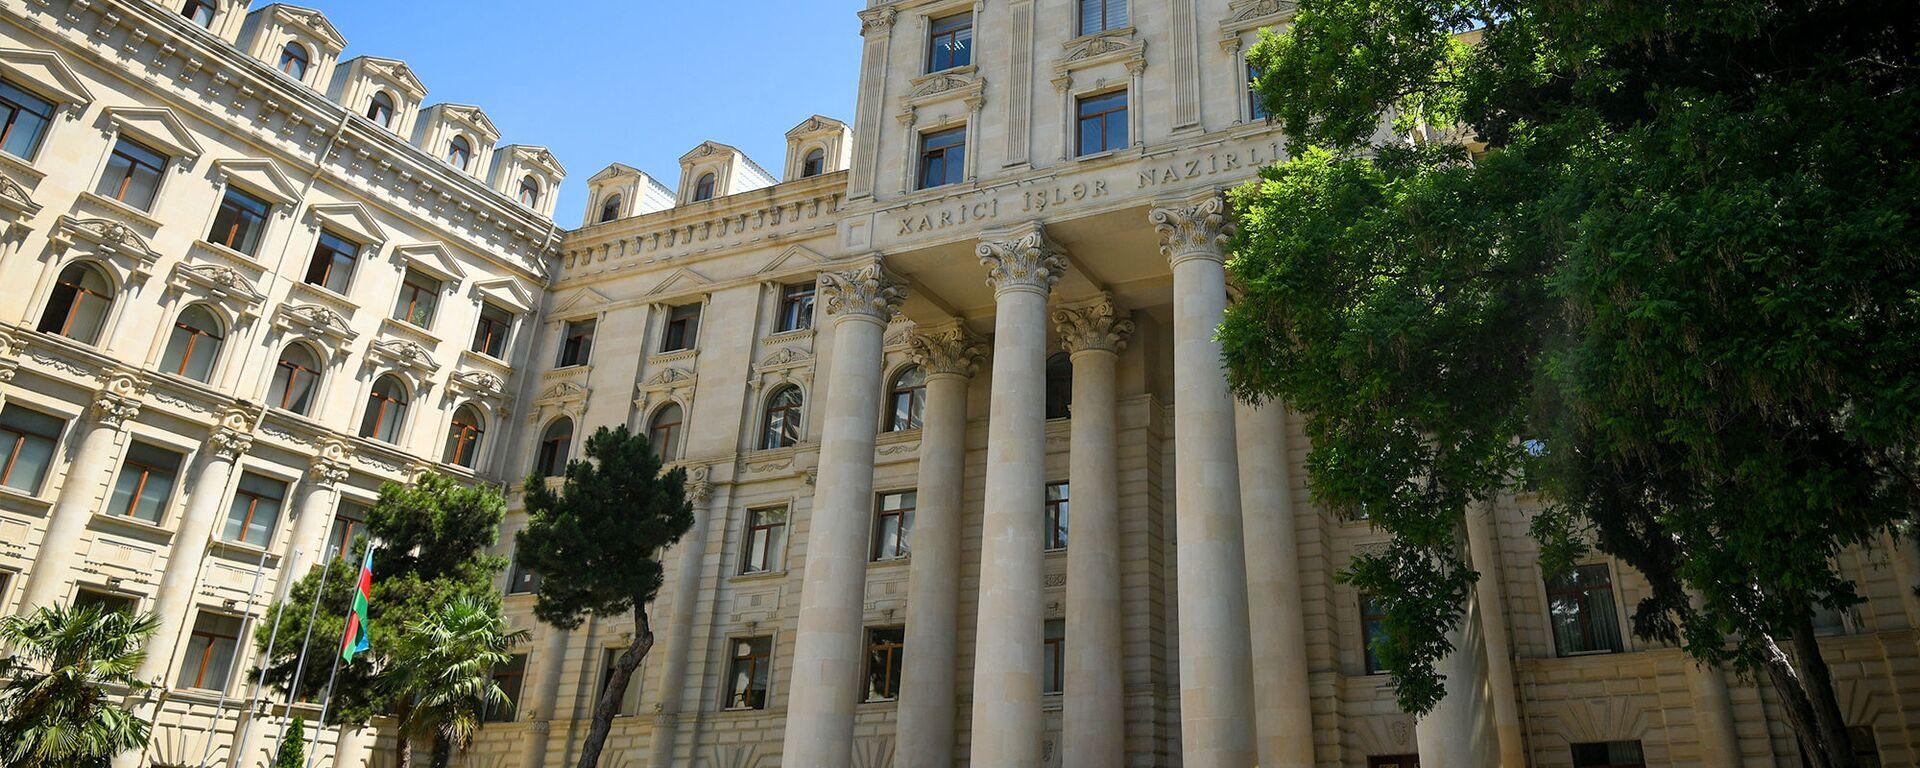 Здание Министерства иностранных дел Азербайджанской Республики в Баку - Sputnik Азербайджан, 1920, 10.09.2020